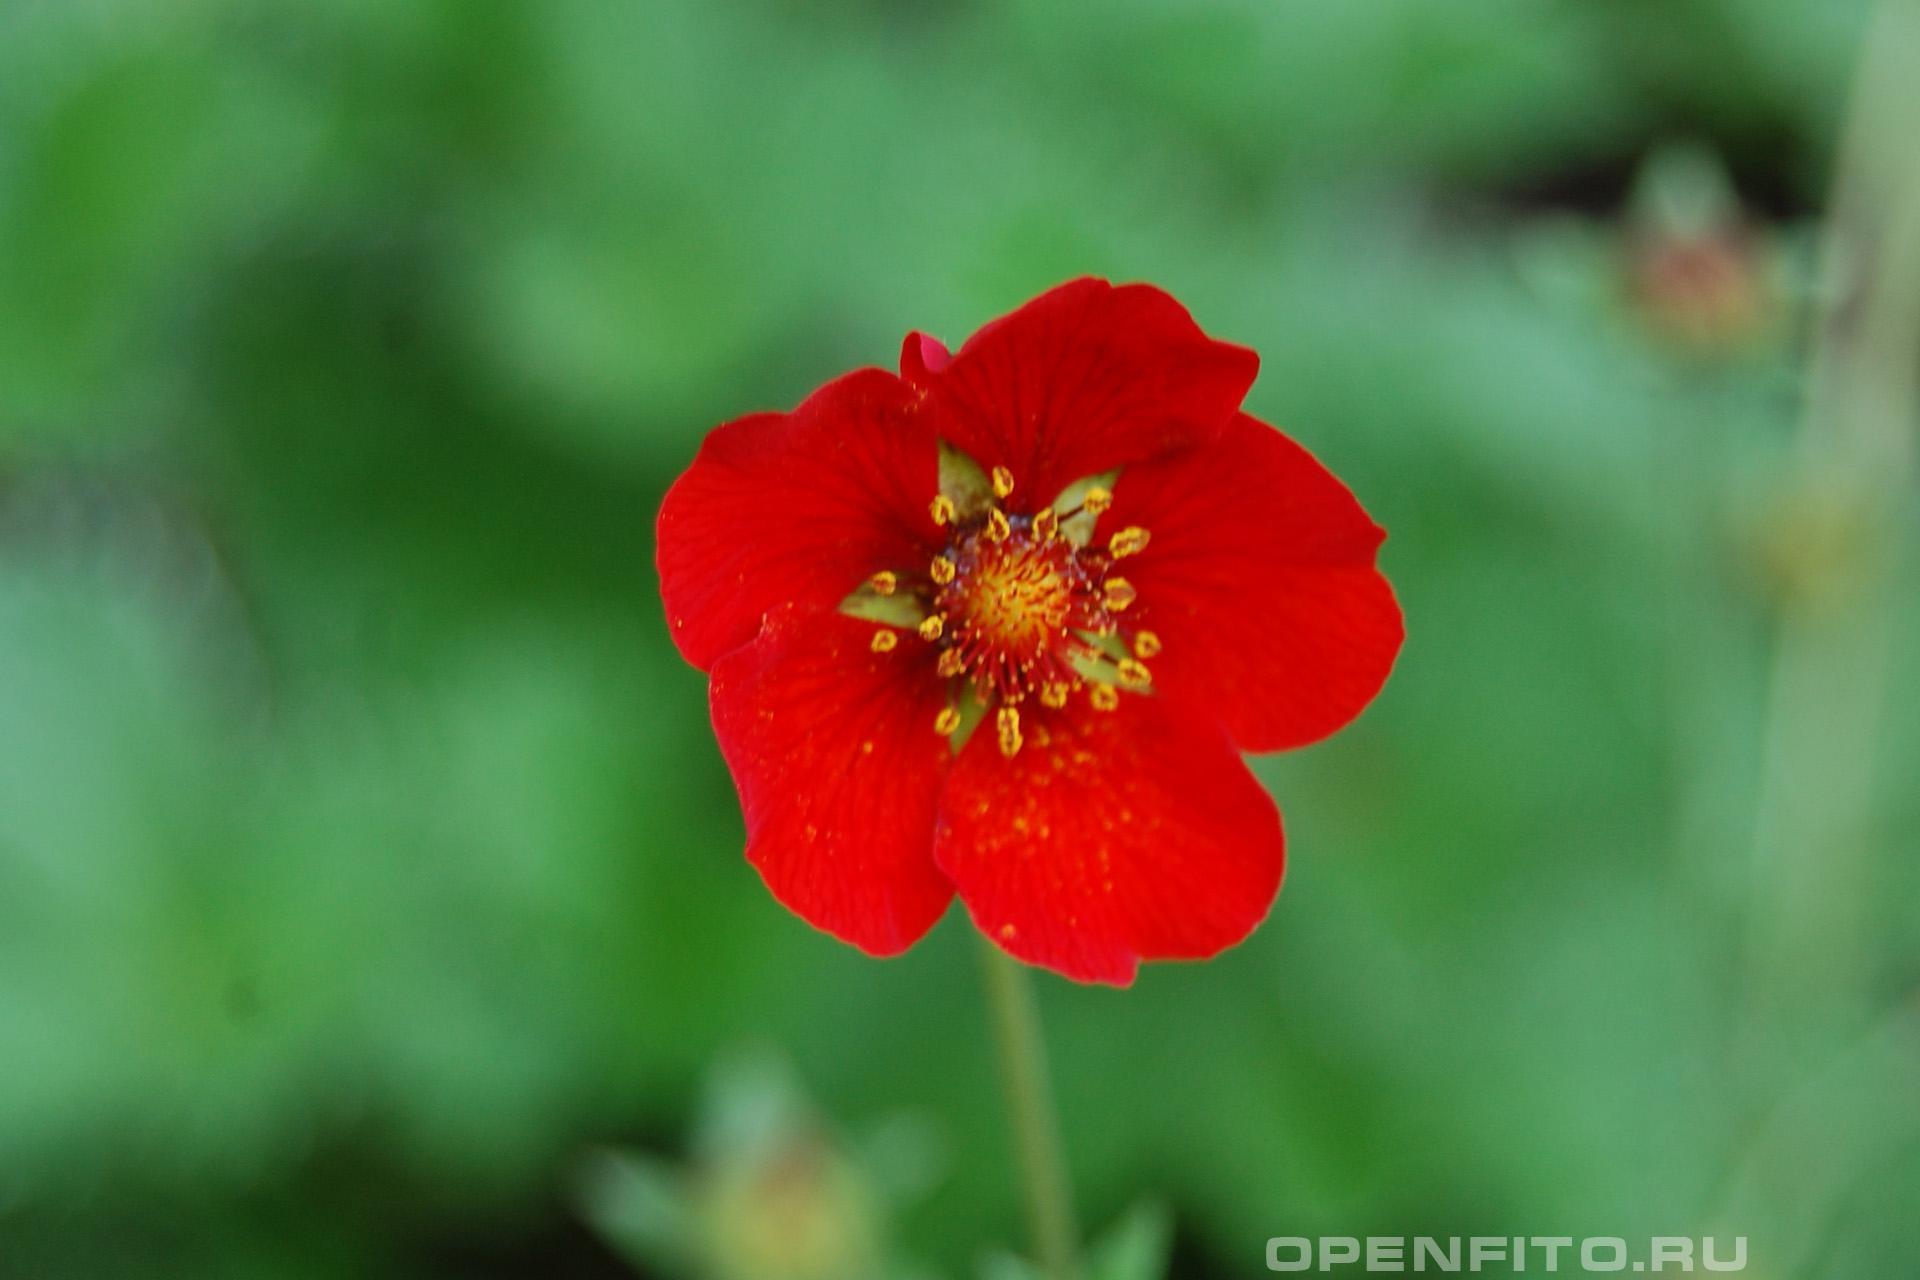 Лапчатка тёмно-красная или Лапчатка тёмно-красная серебристолистная